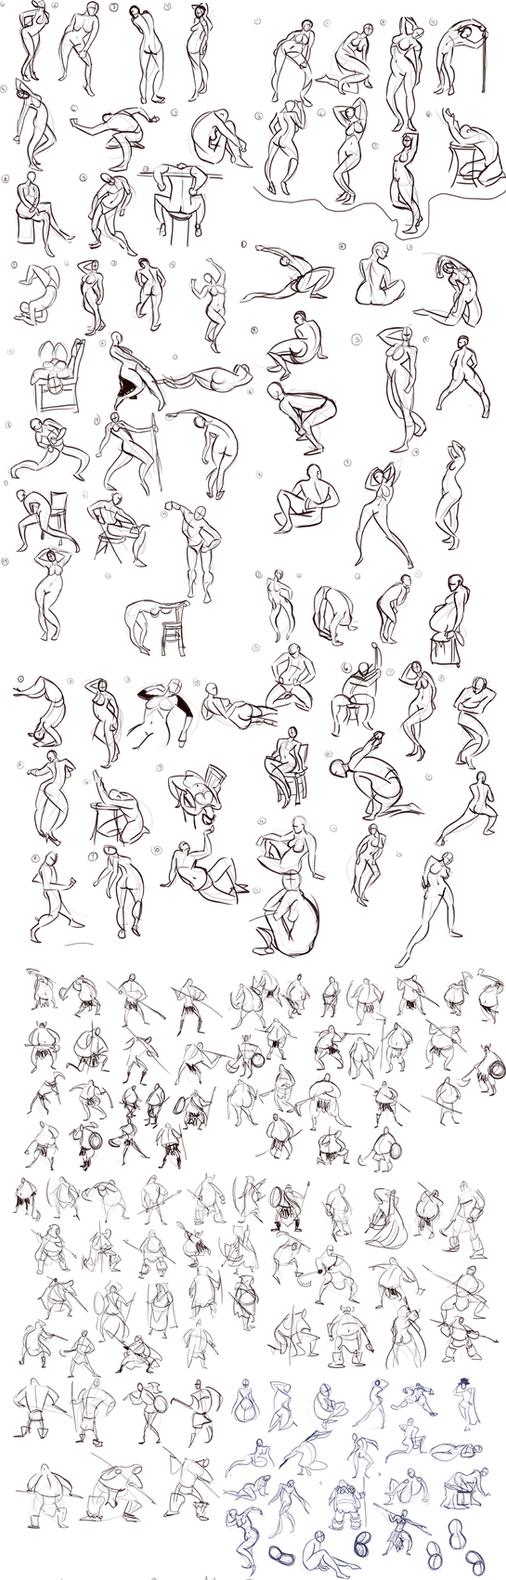 Gesture Sketchdump 1 by Ric-M